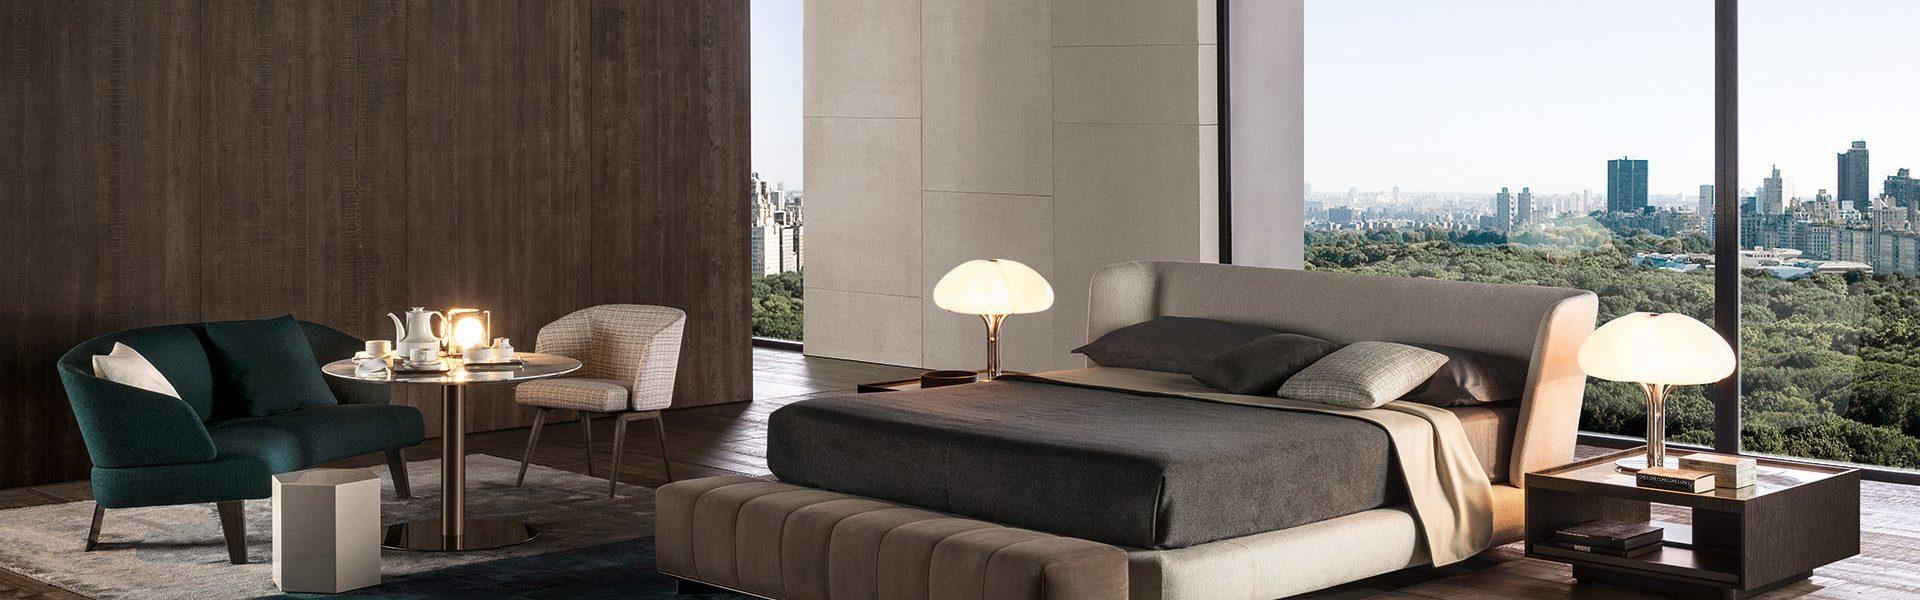 Reeves Bed